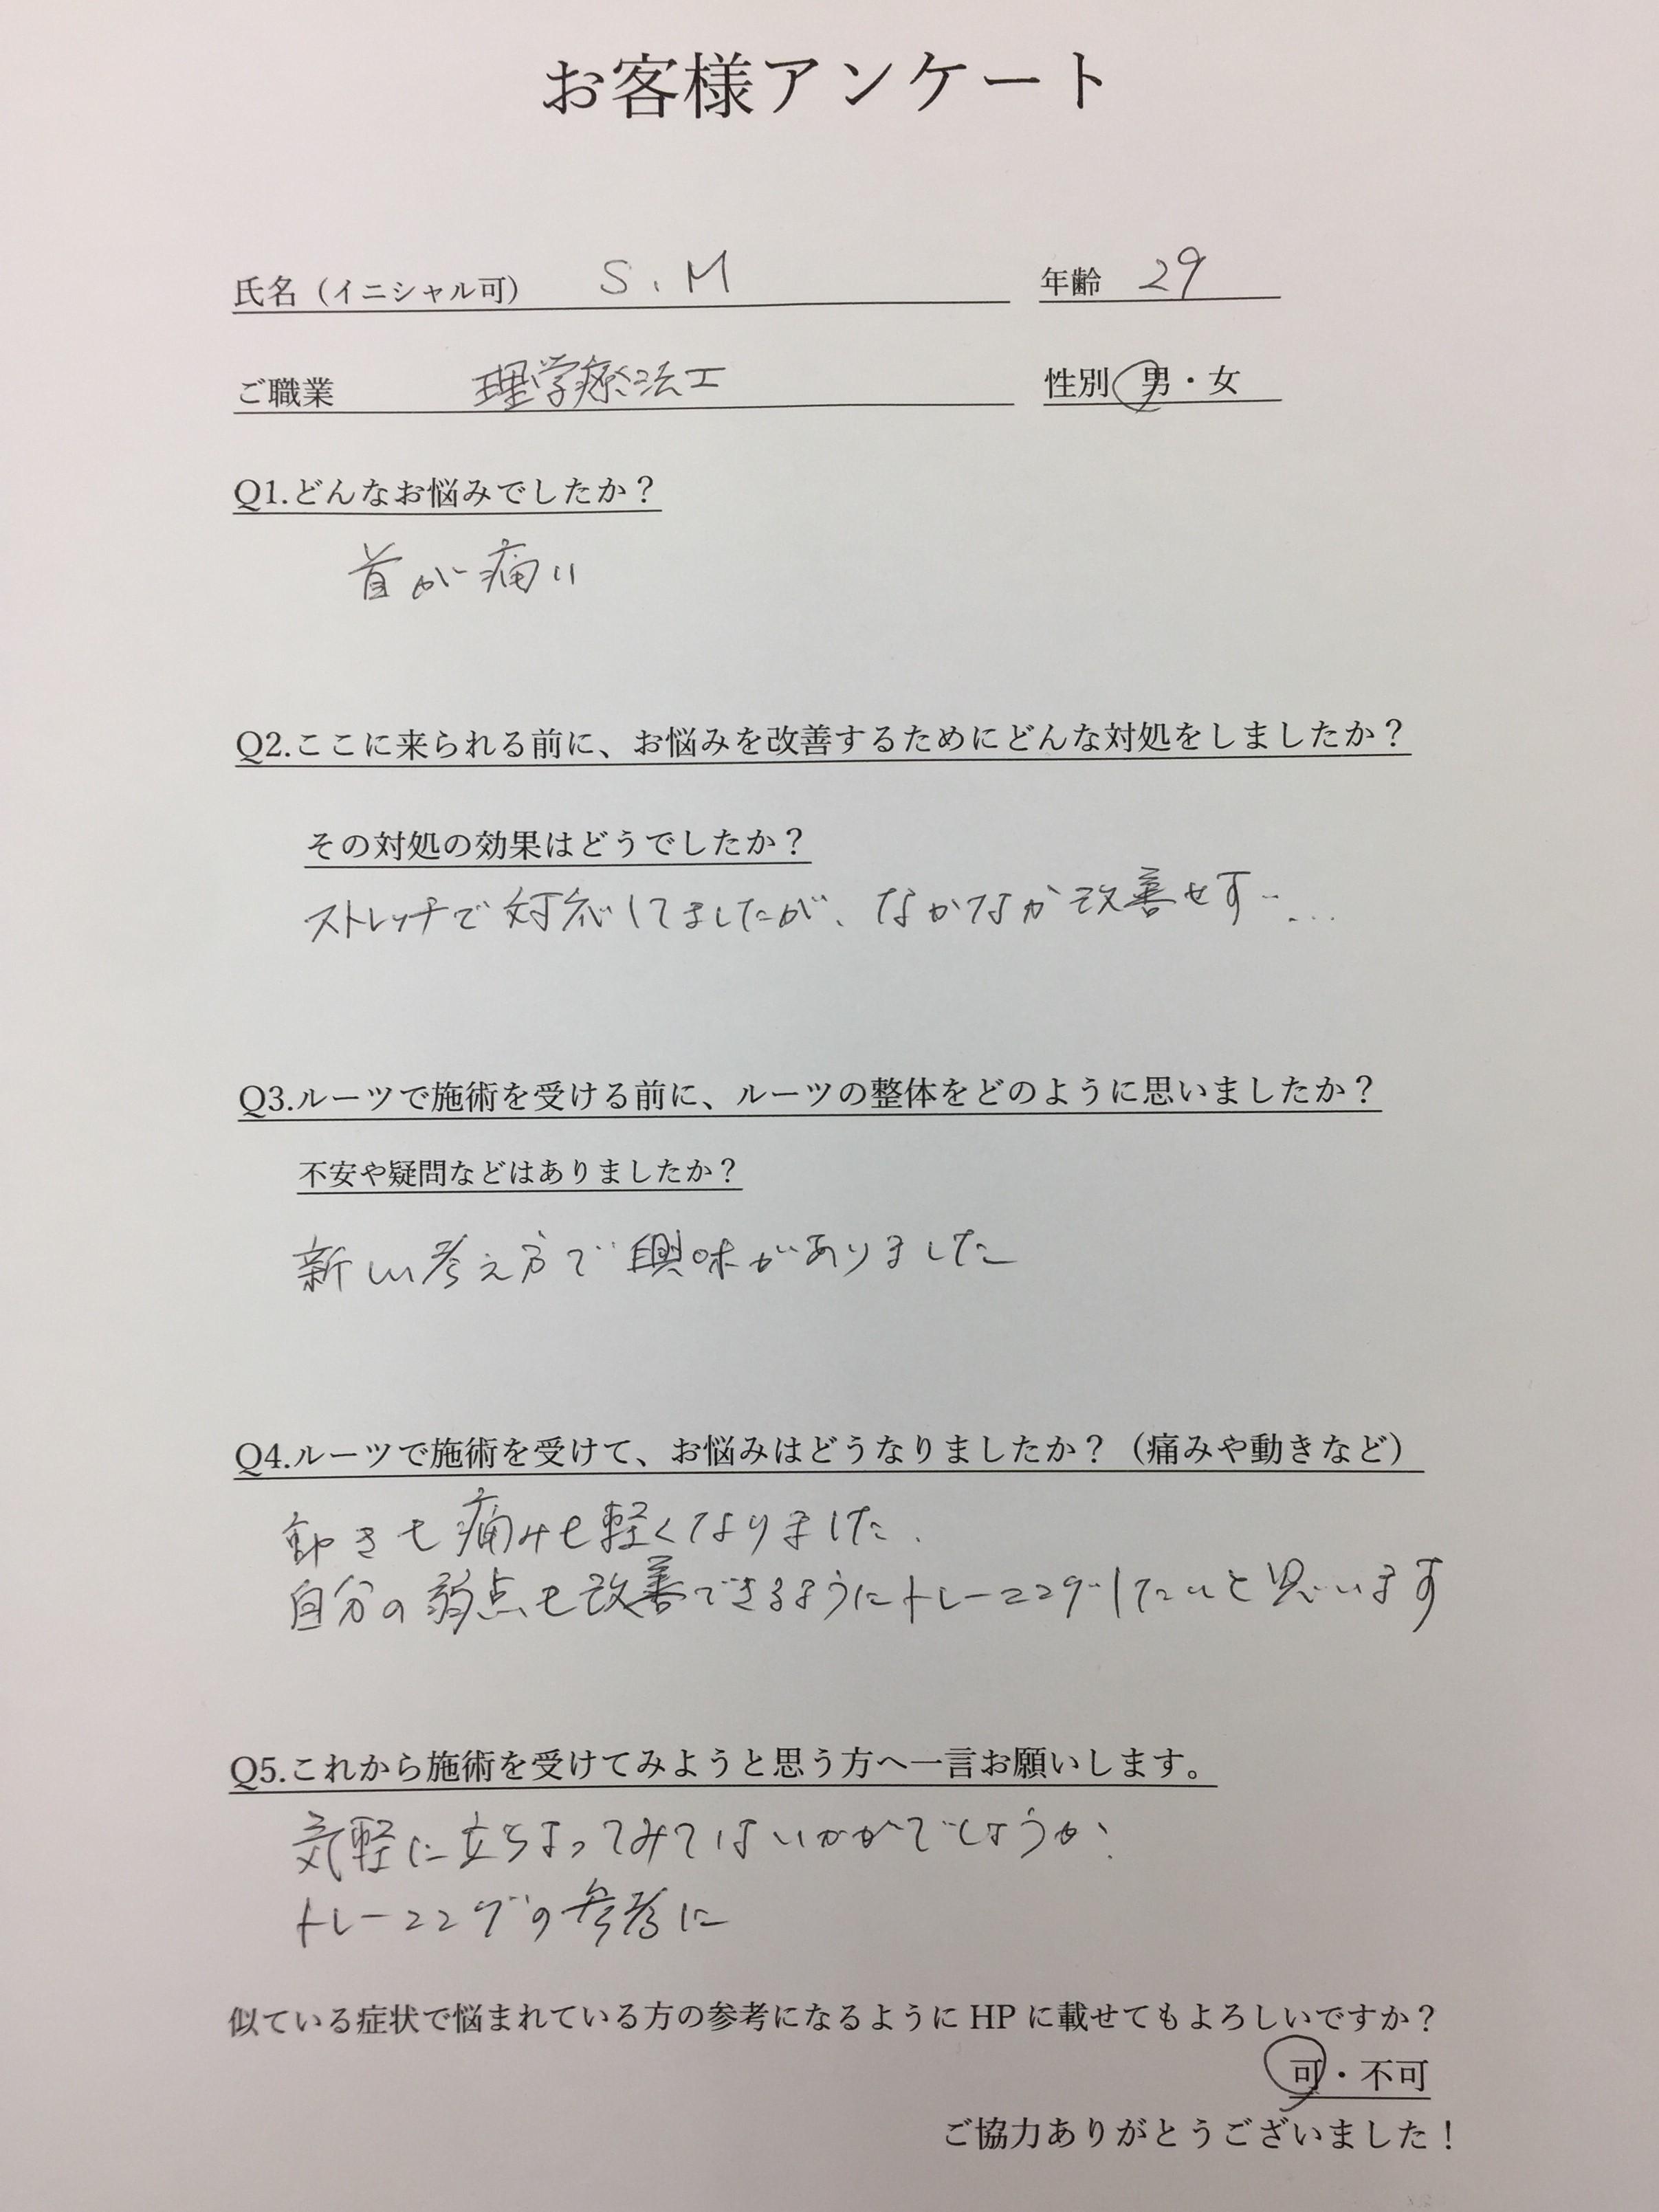 仙台の整体で首の痛みに筋膜の施術を得意とするルーツ